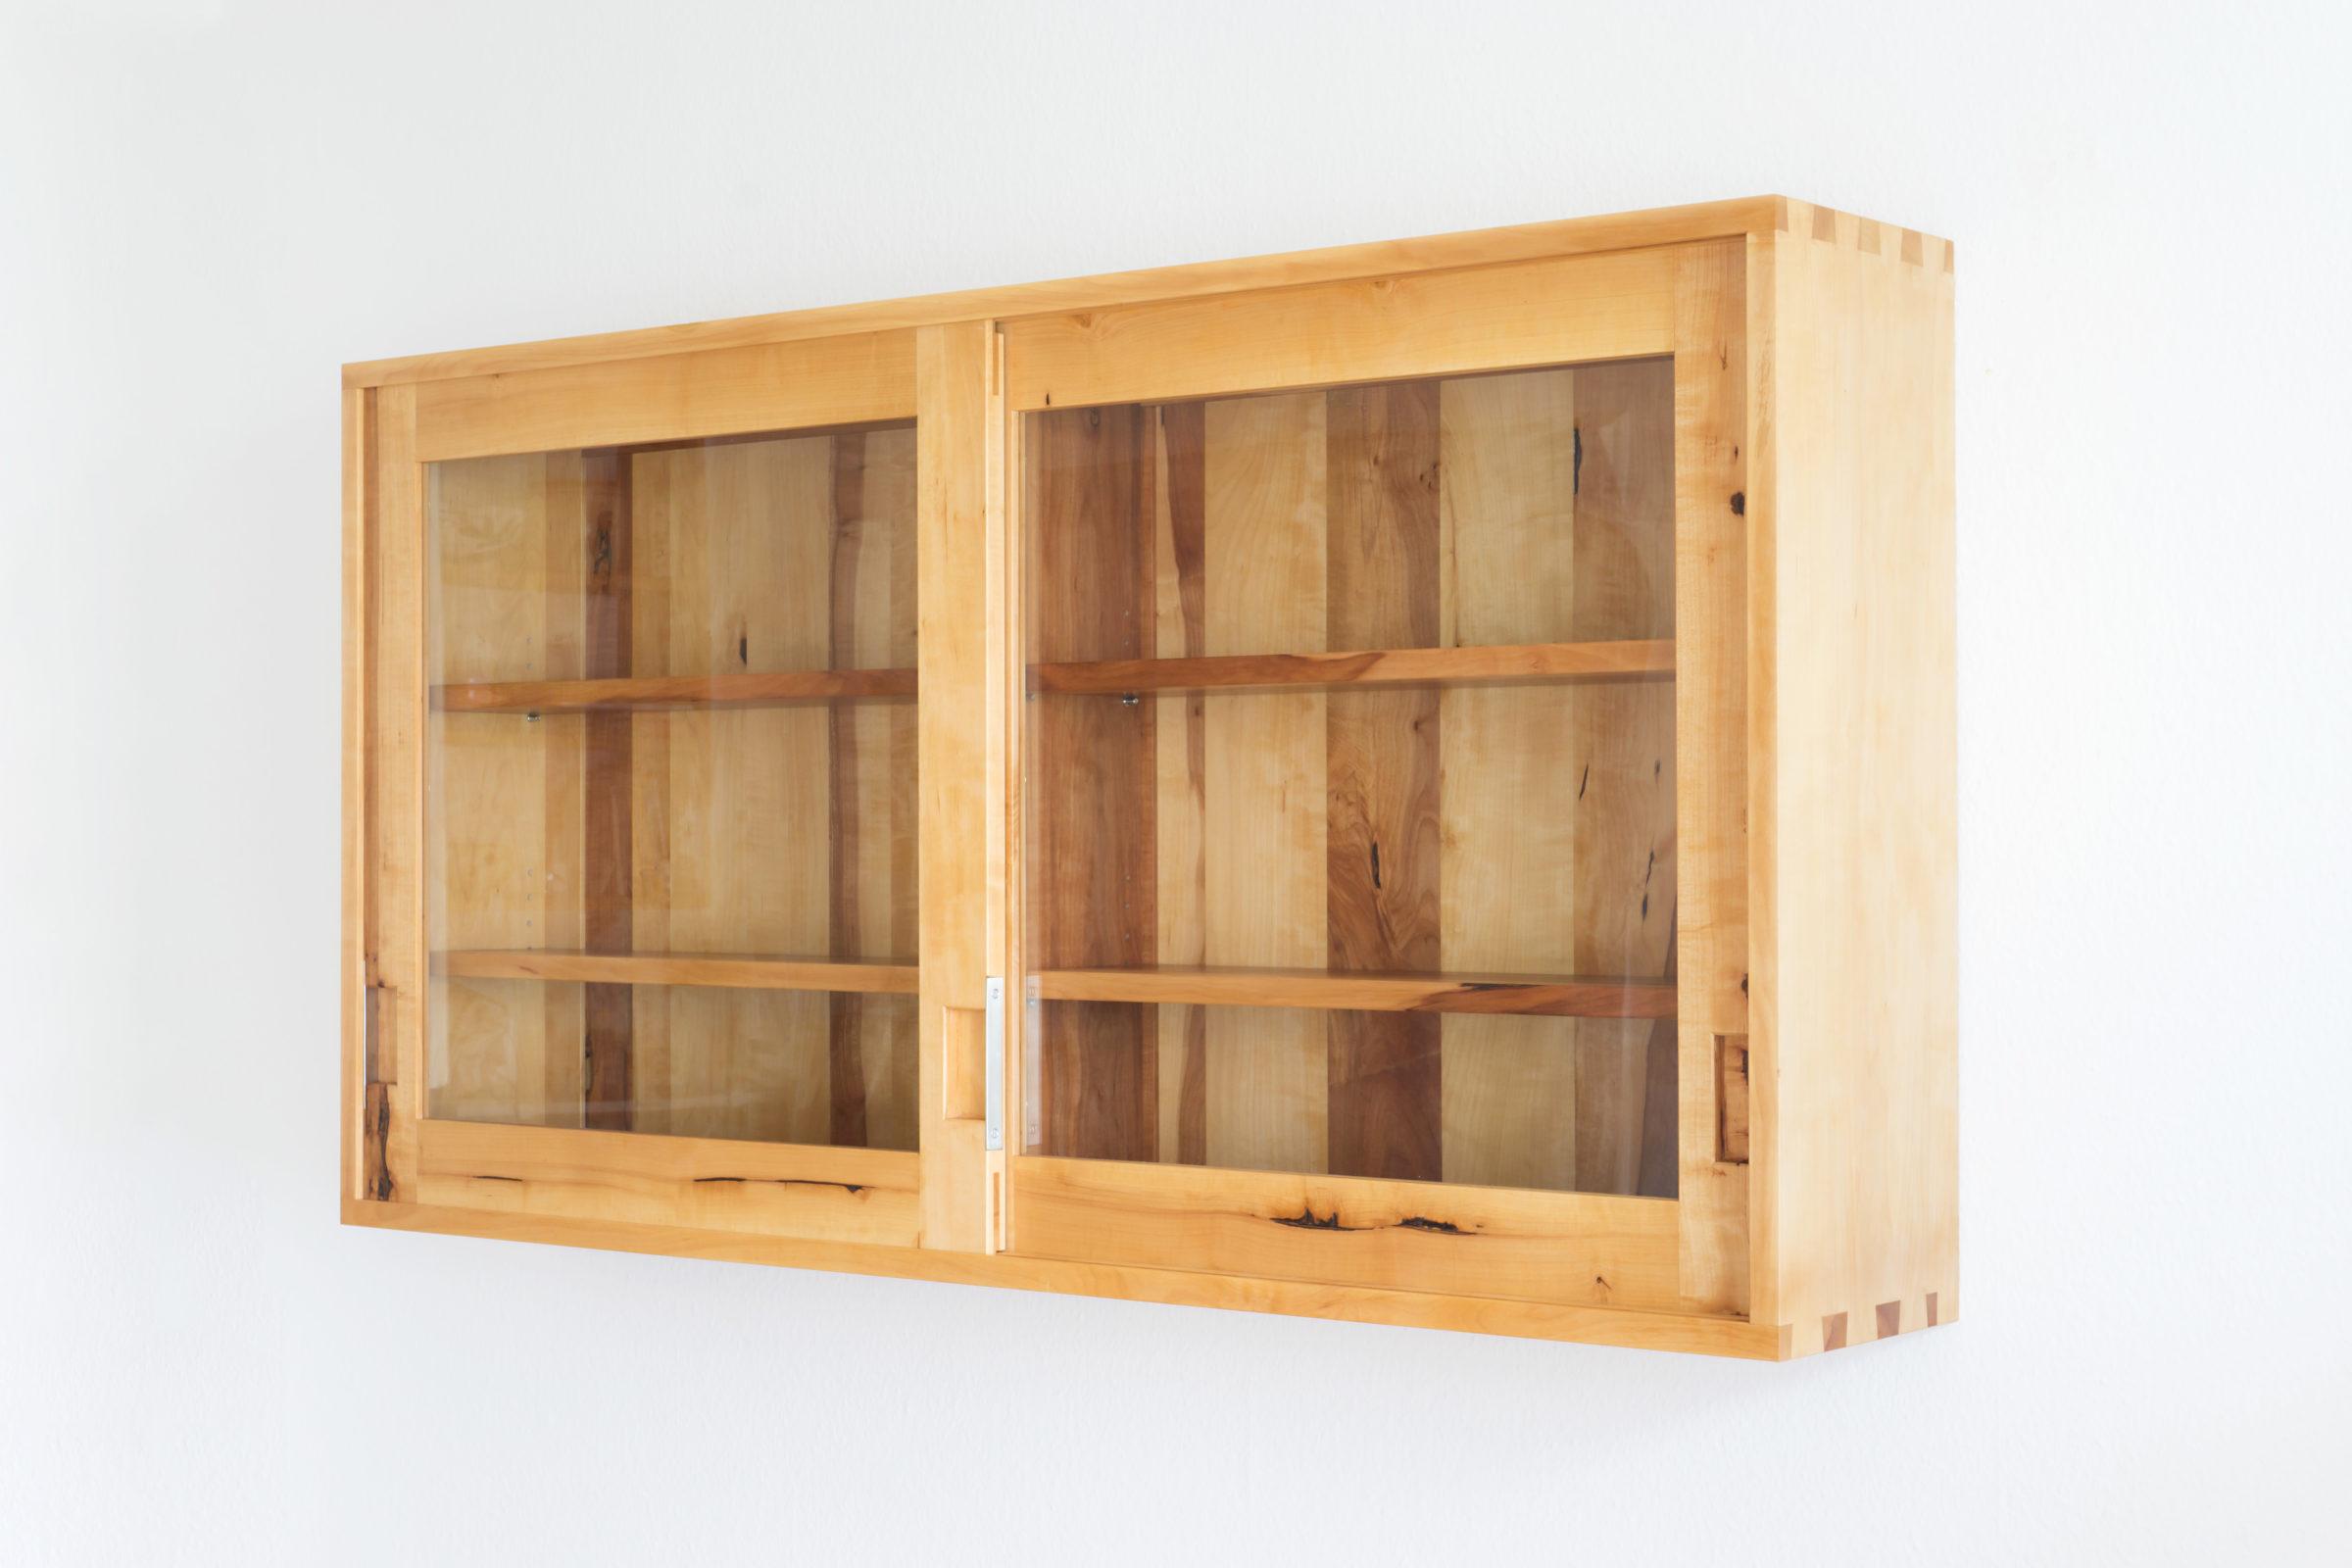 Hängeschrank mit Glastüren, Massivholzmöbel handgemacht, Hochwertige Möbel aus Massivholz, Holzoberflächen handgehobelt, Einzelmöbelstücke, The Trees of Life